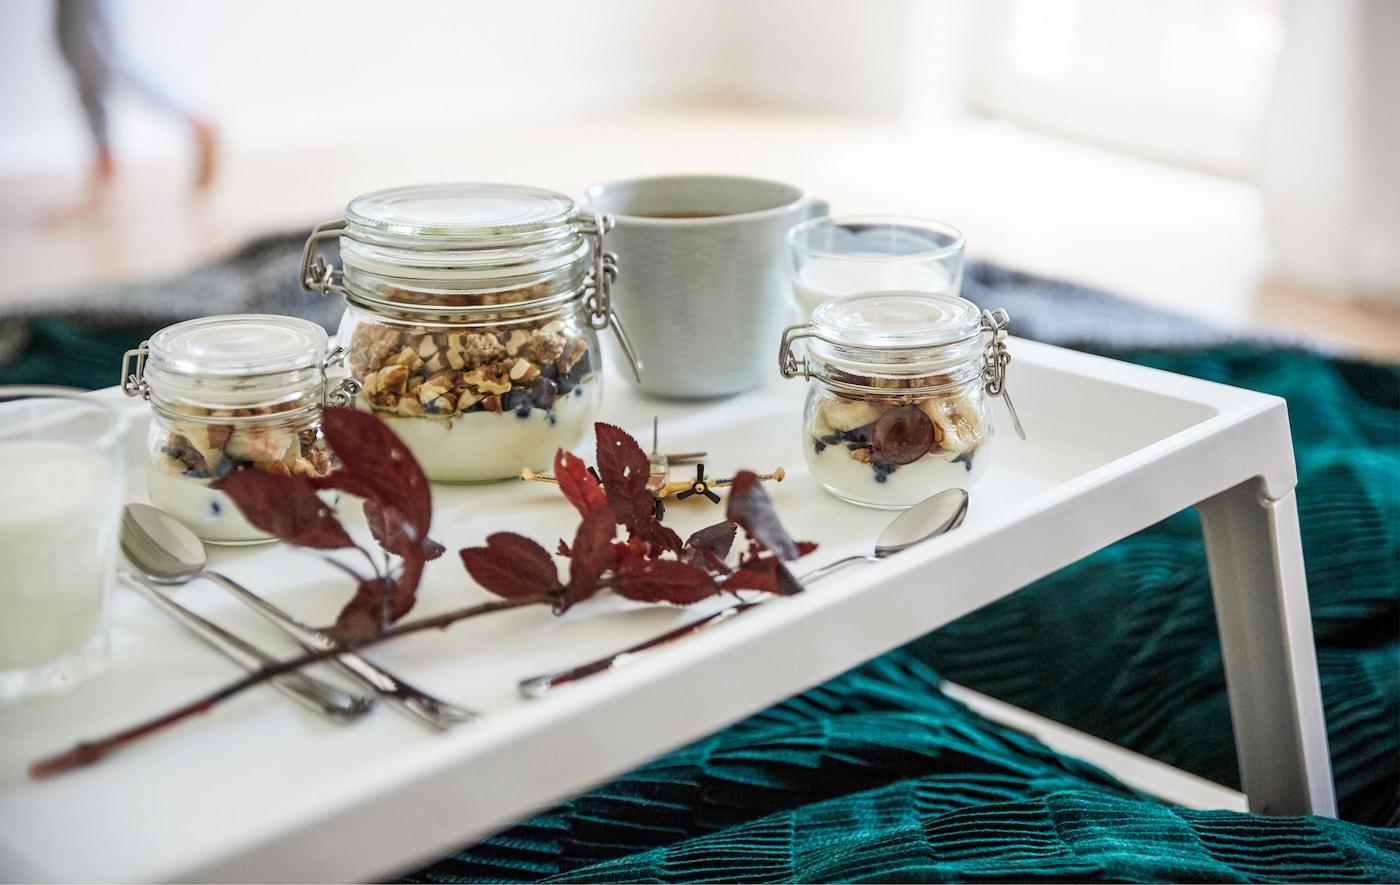 Recipientes com granola e iogurte num tabuleiro branco em cima de uma cama.